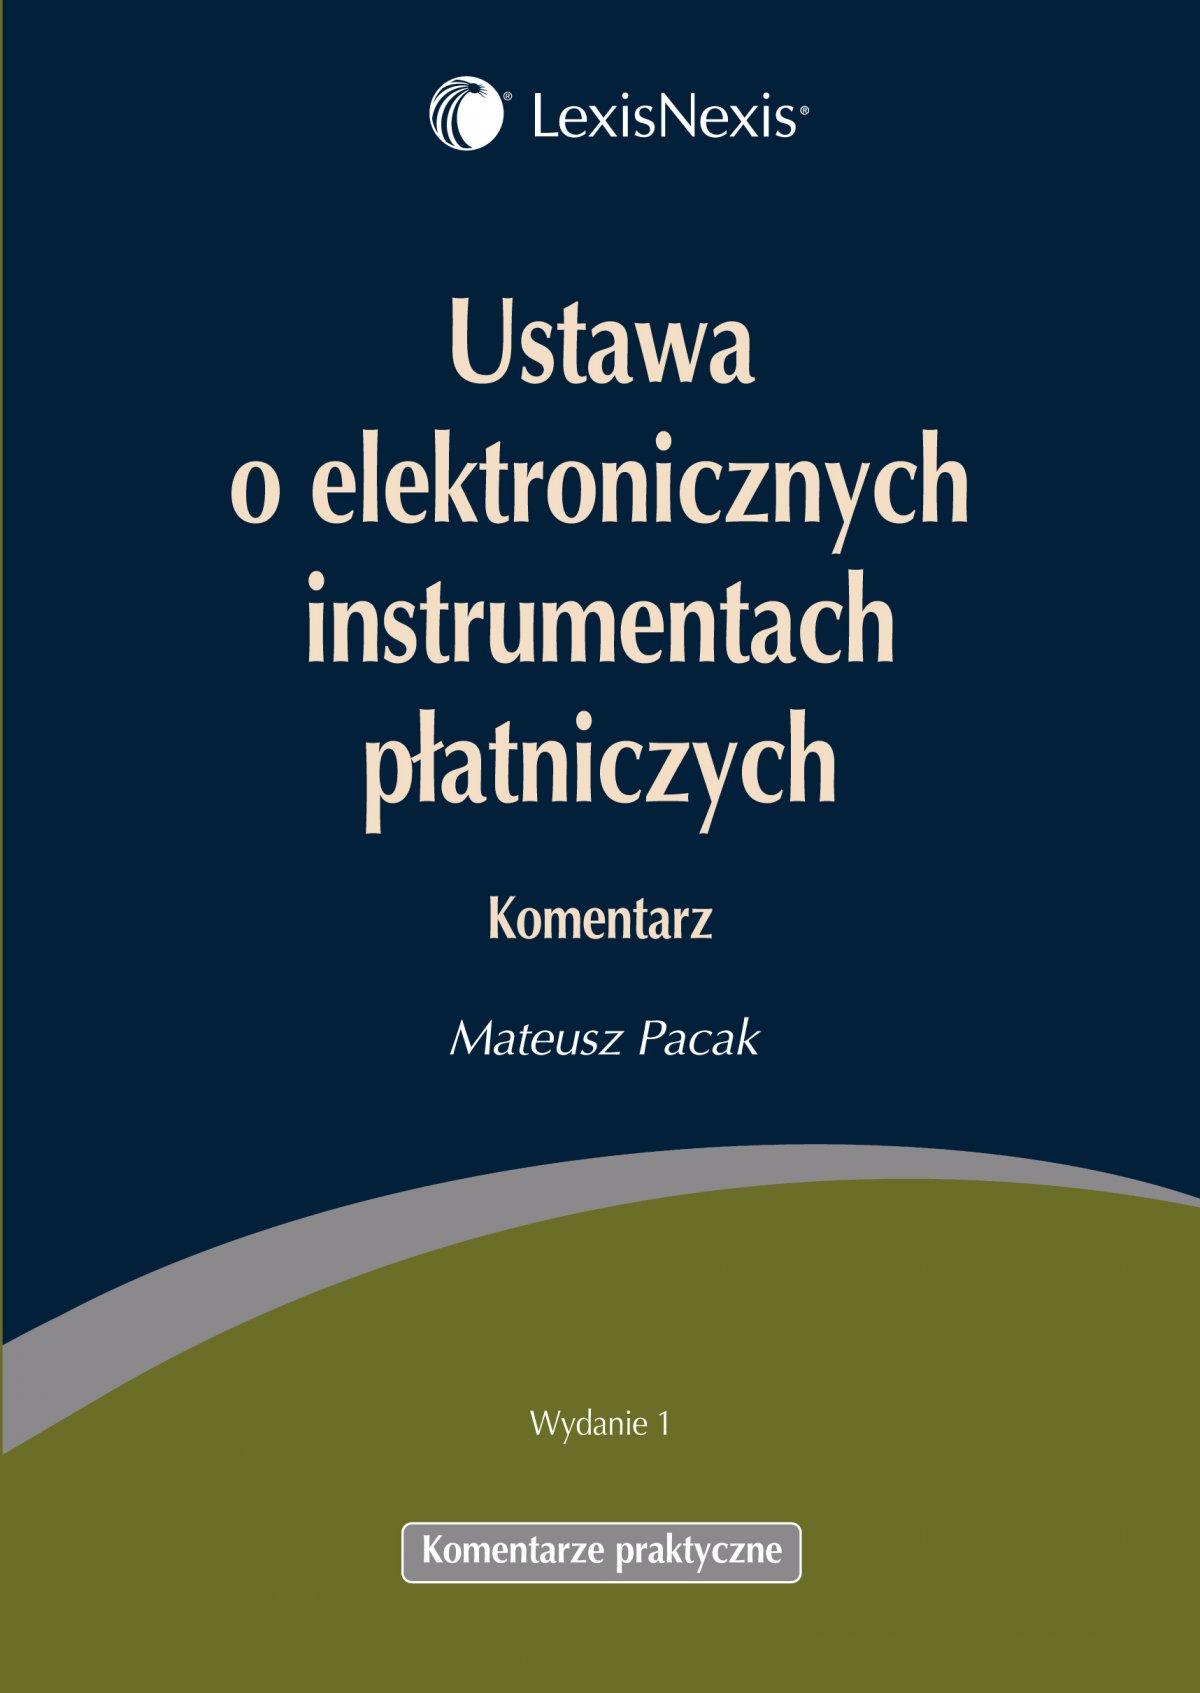 Ustawa o elektronicznych instrumentach płatniczych. Komentarz - Ebook (Książka PDF) do pobrania w formacie PDF